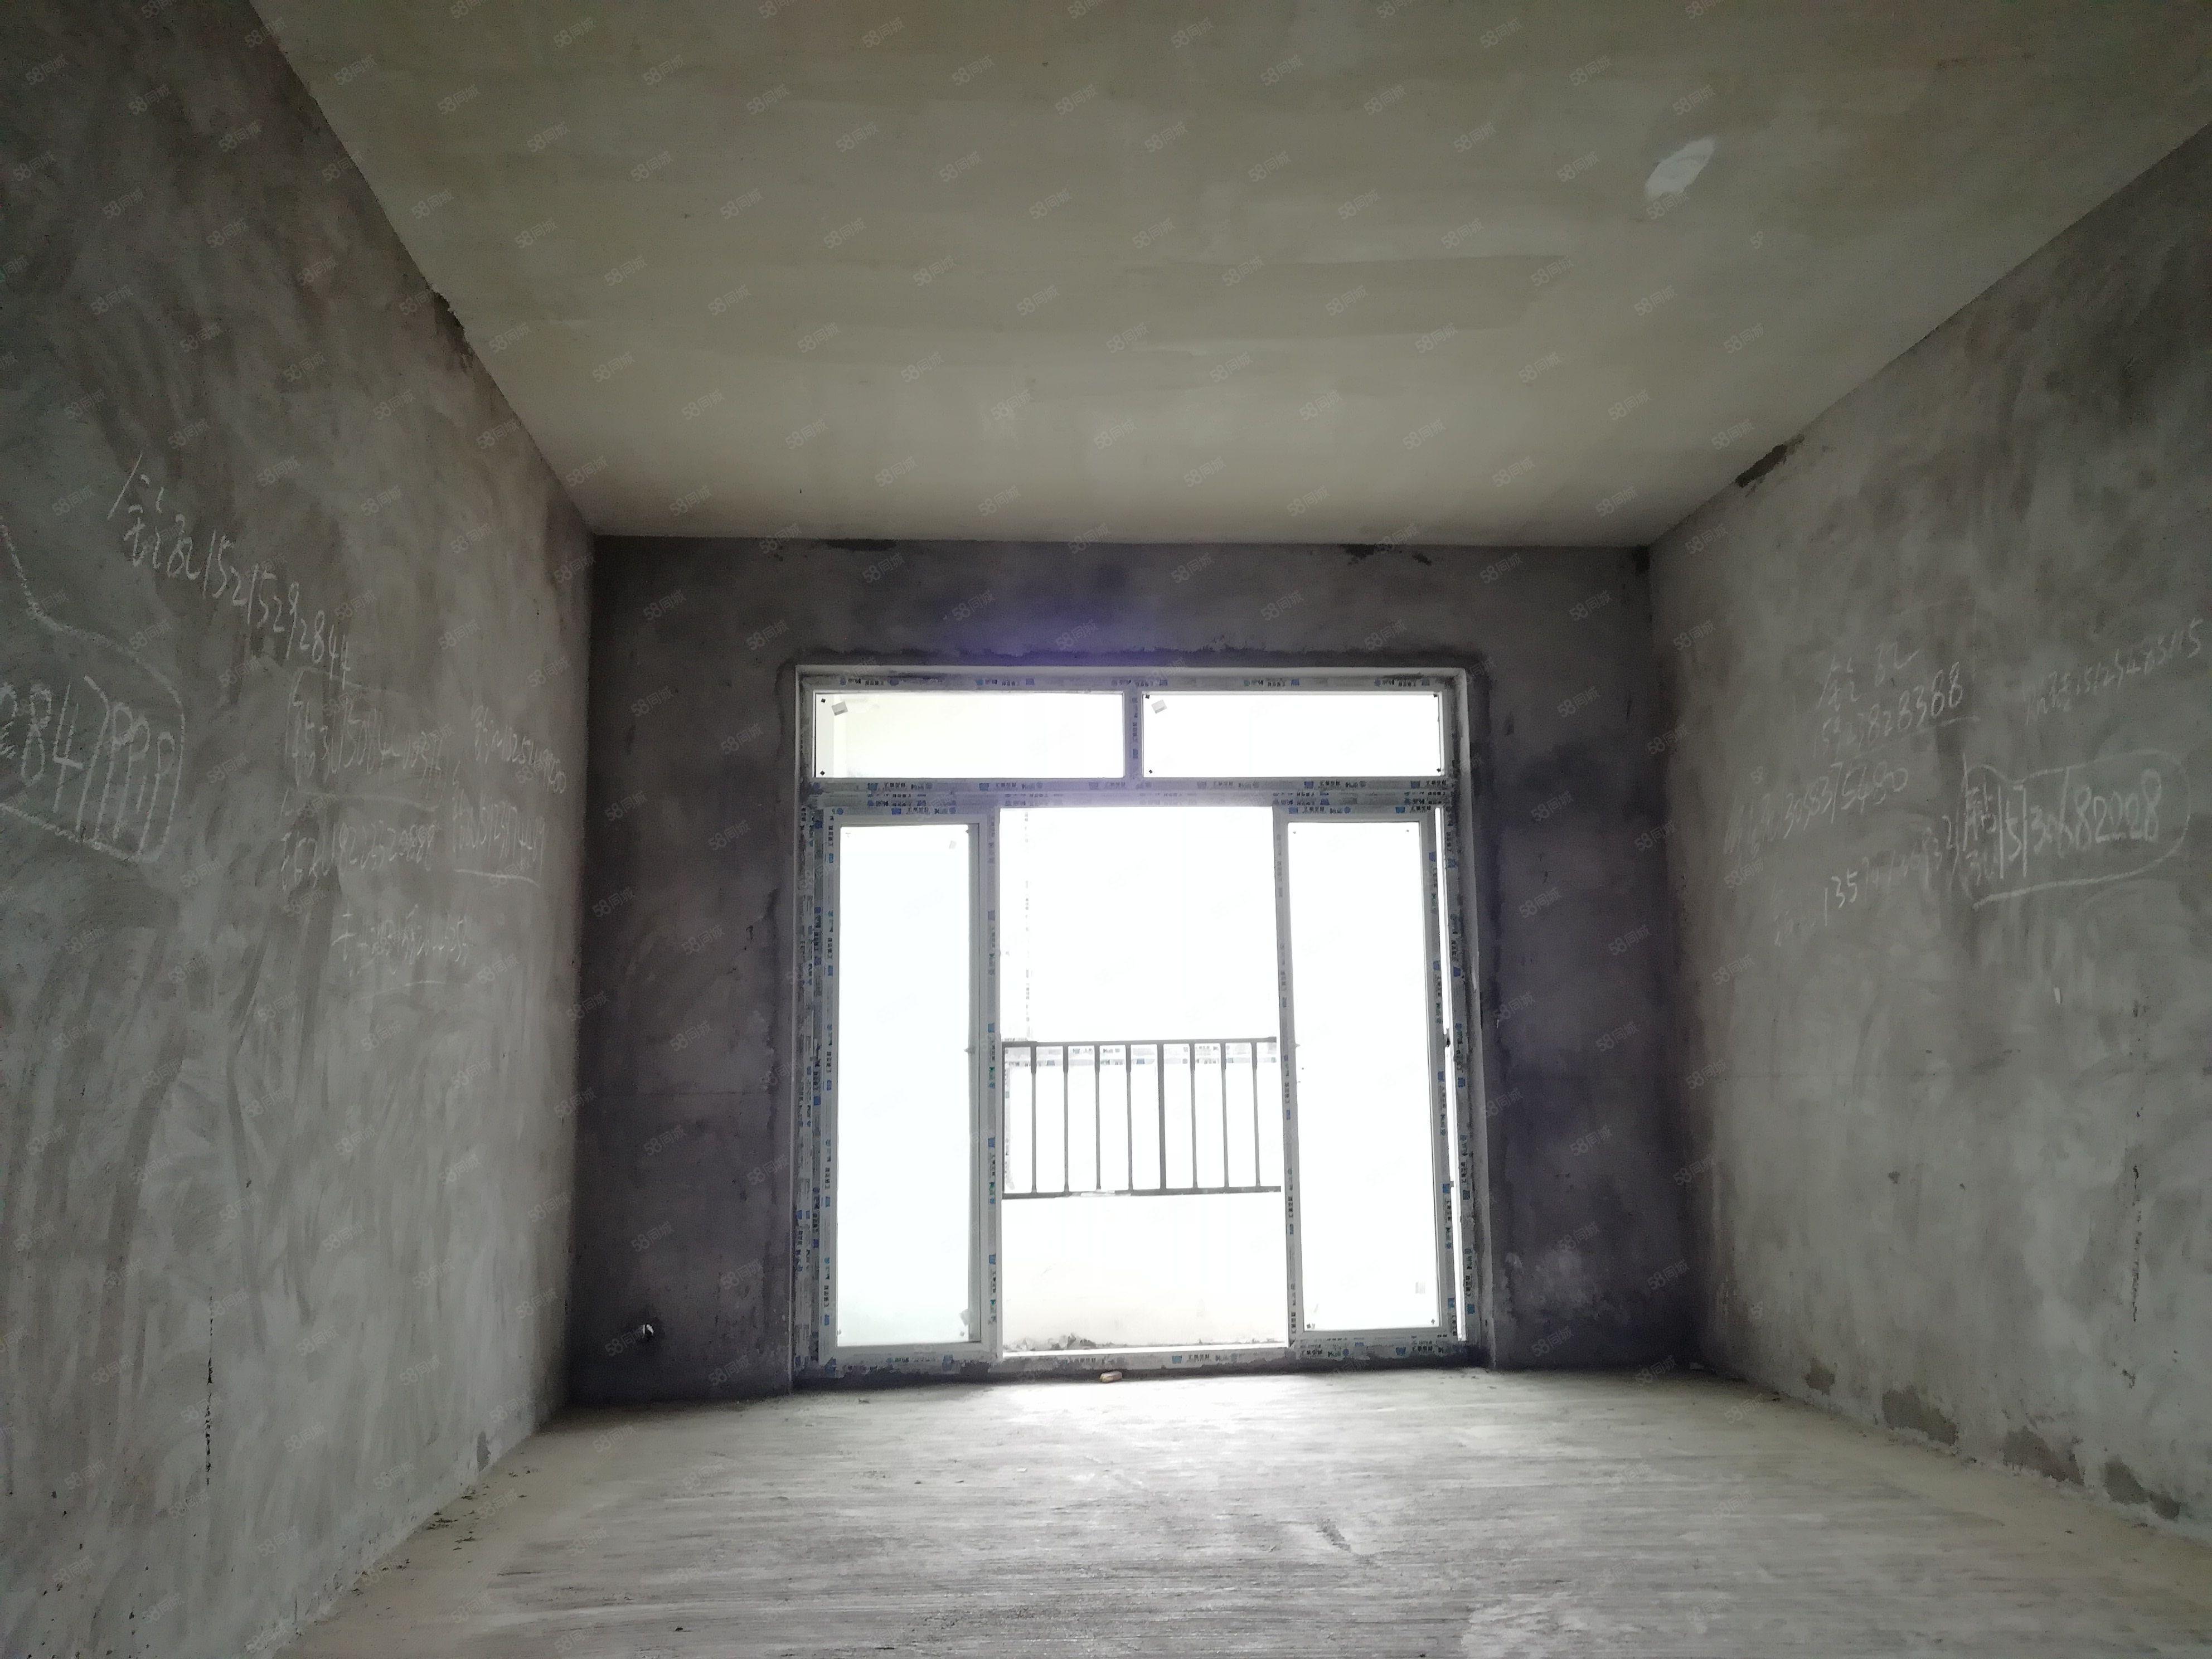 江景房,滨州上城无敌视,户型方正,3房2卫,